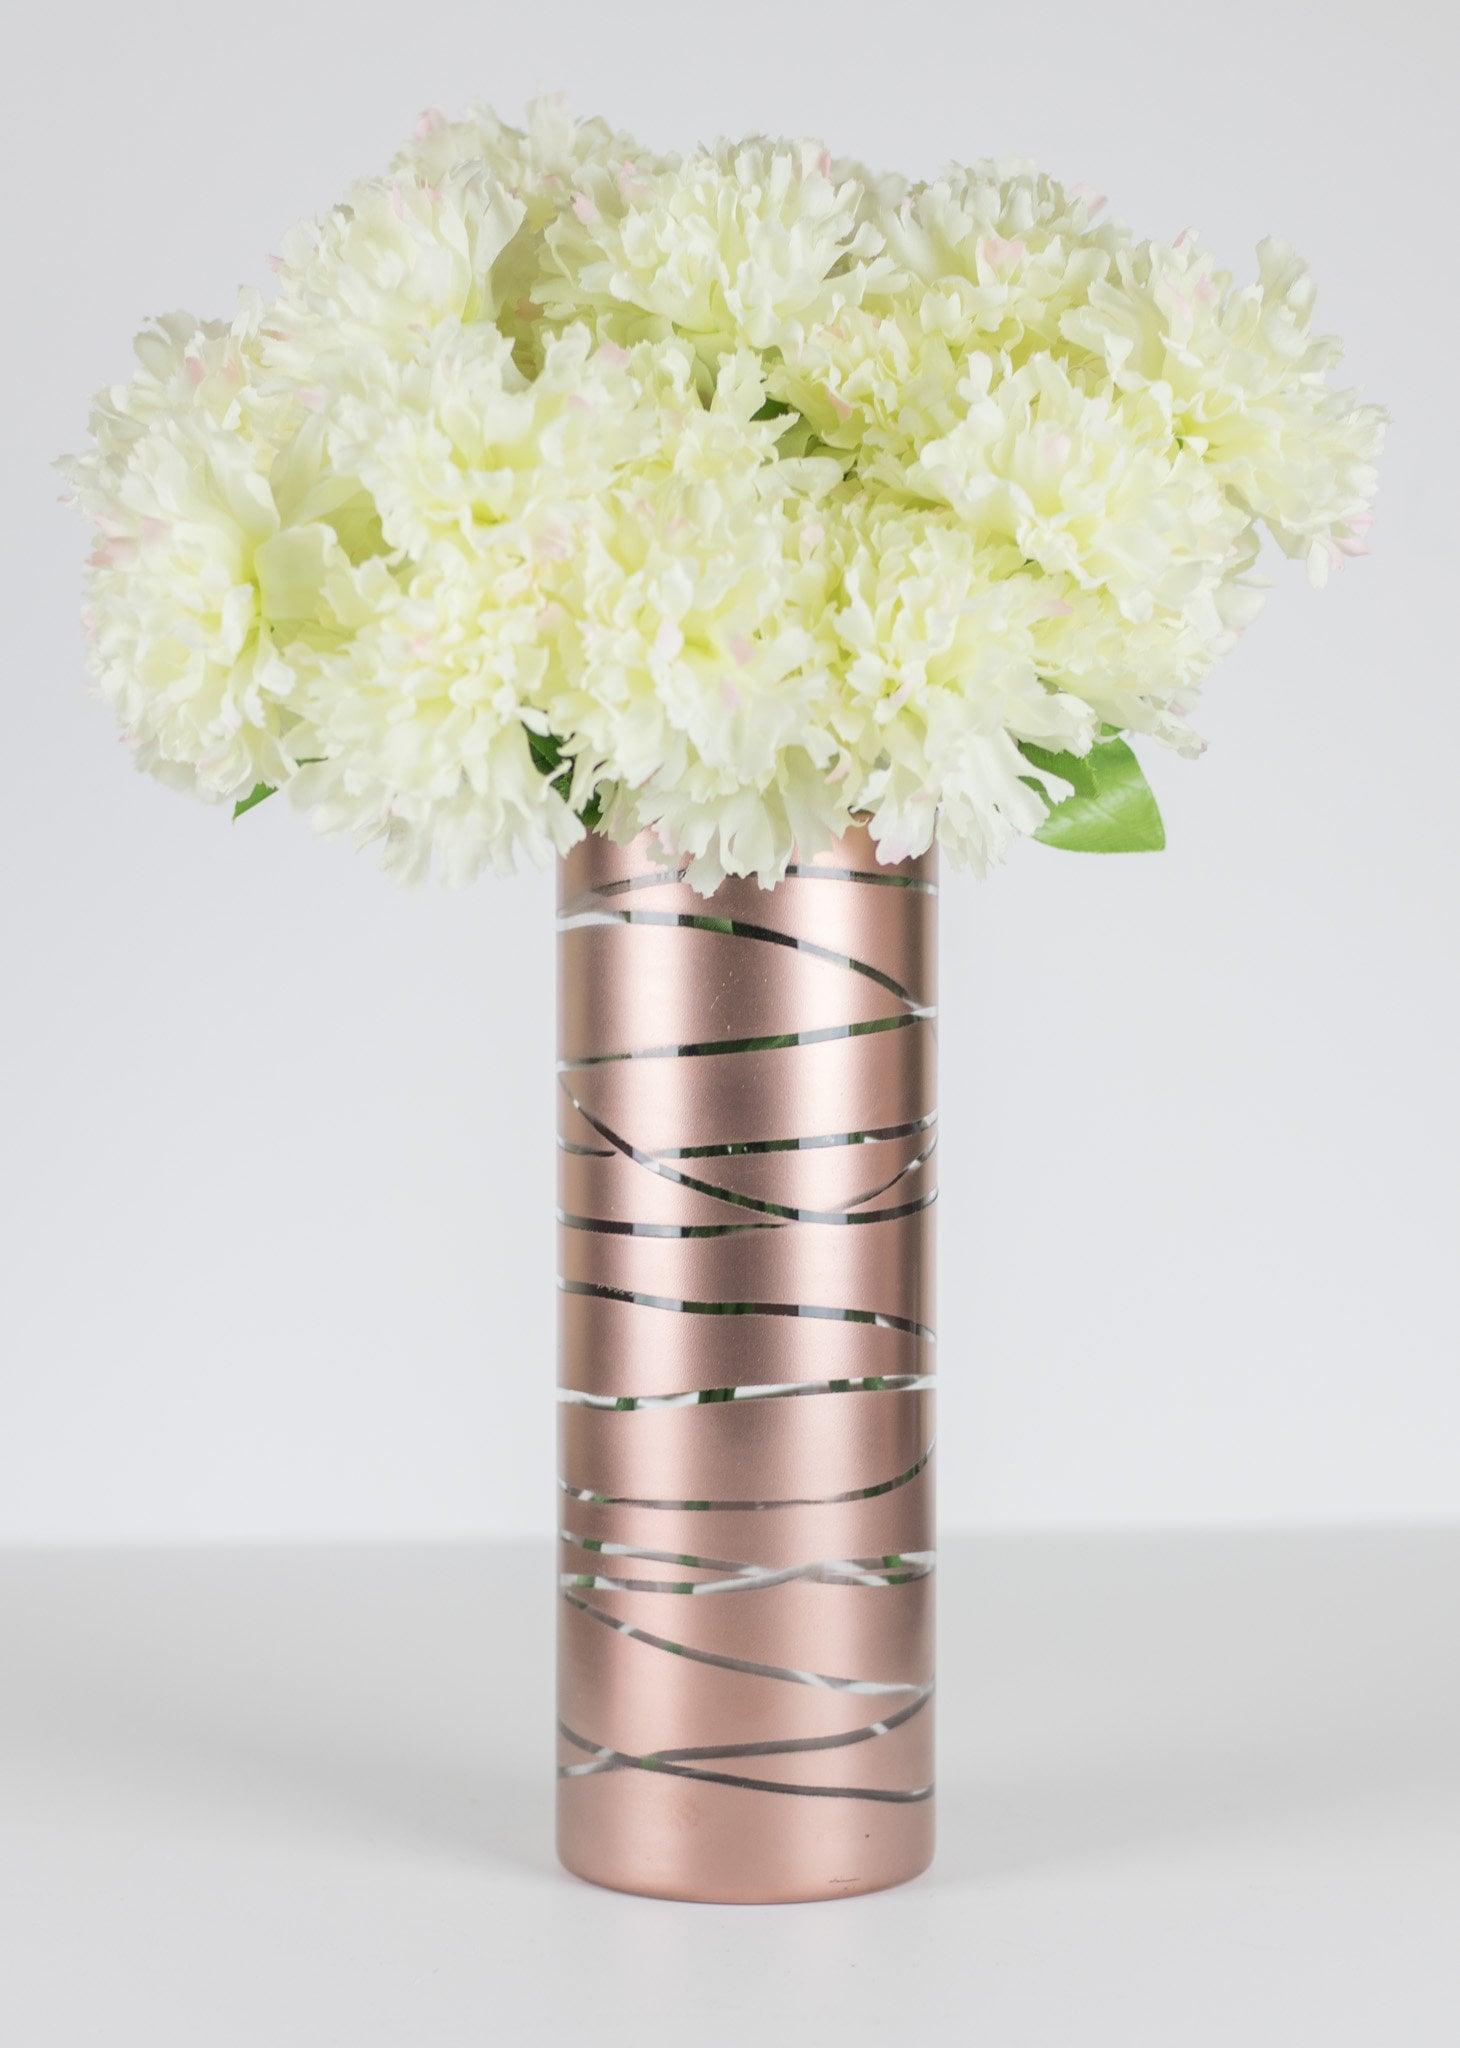 rose gold vase rose gold home decor rose gold centerpiece. Black Bedroom Furniture Sets. Home Design Ideas